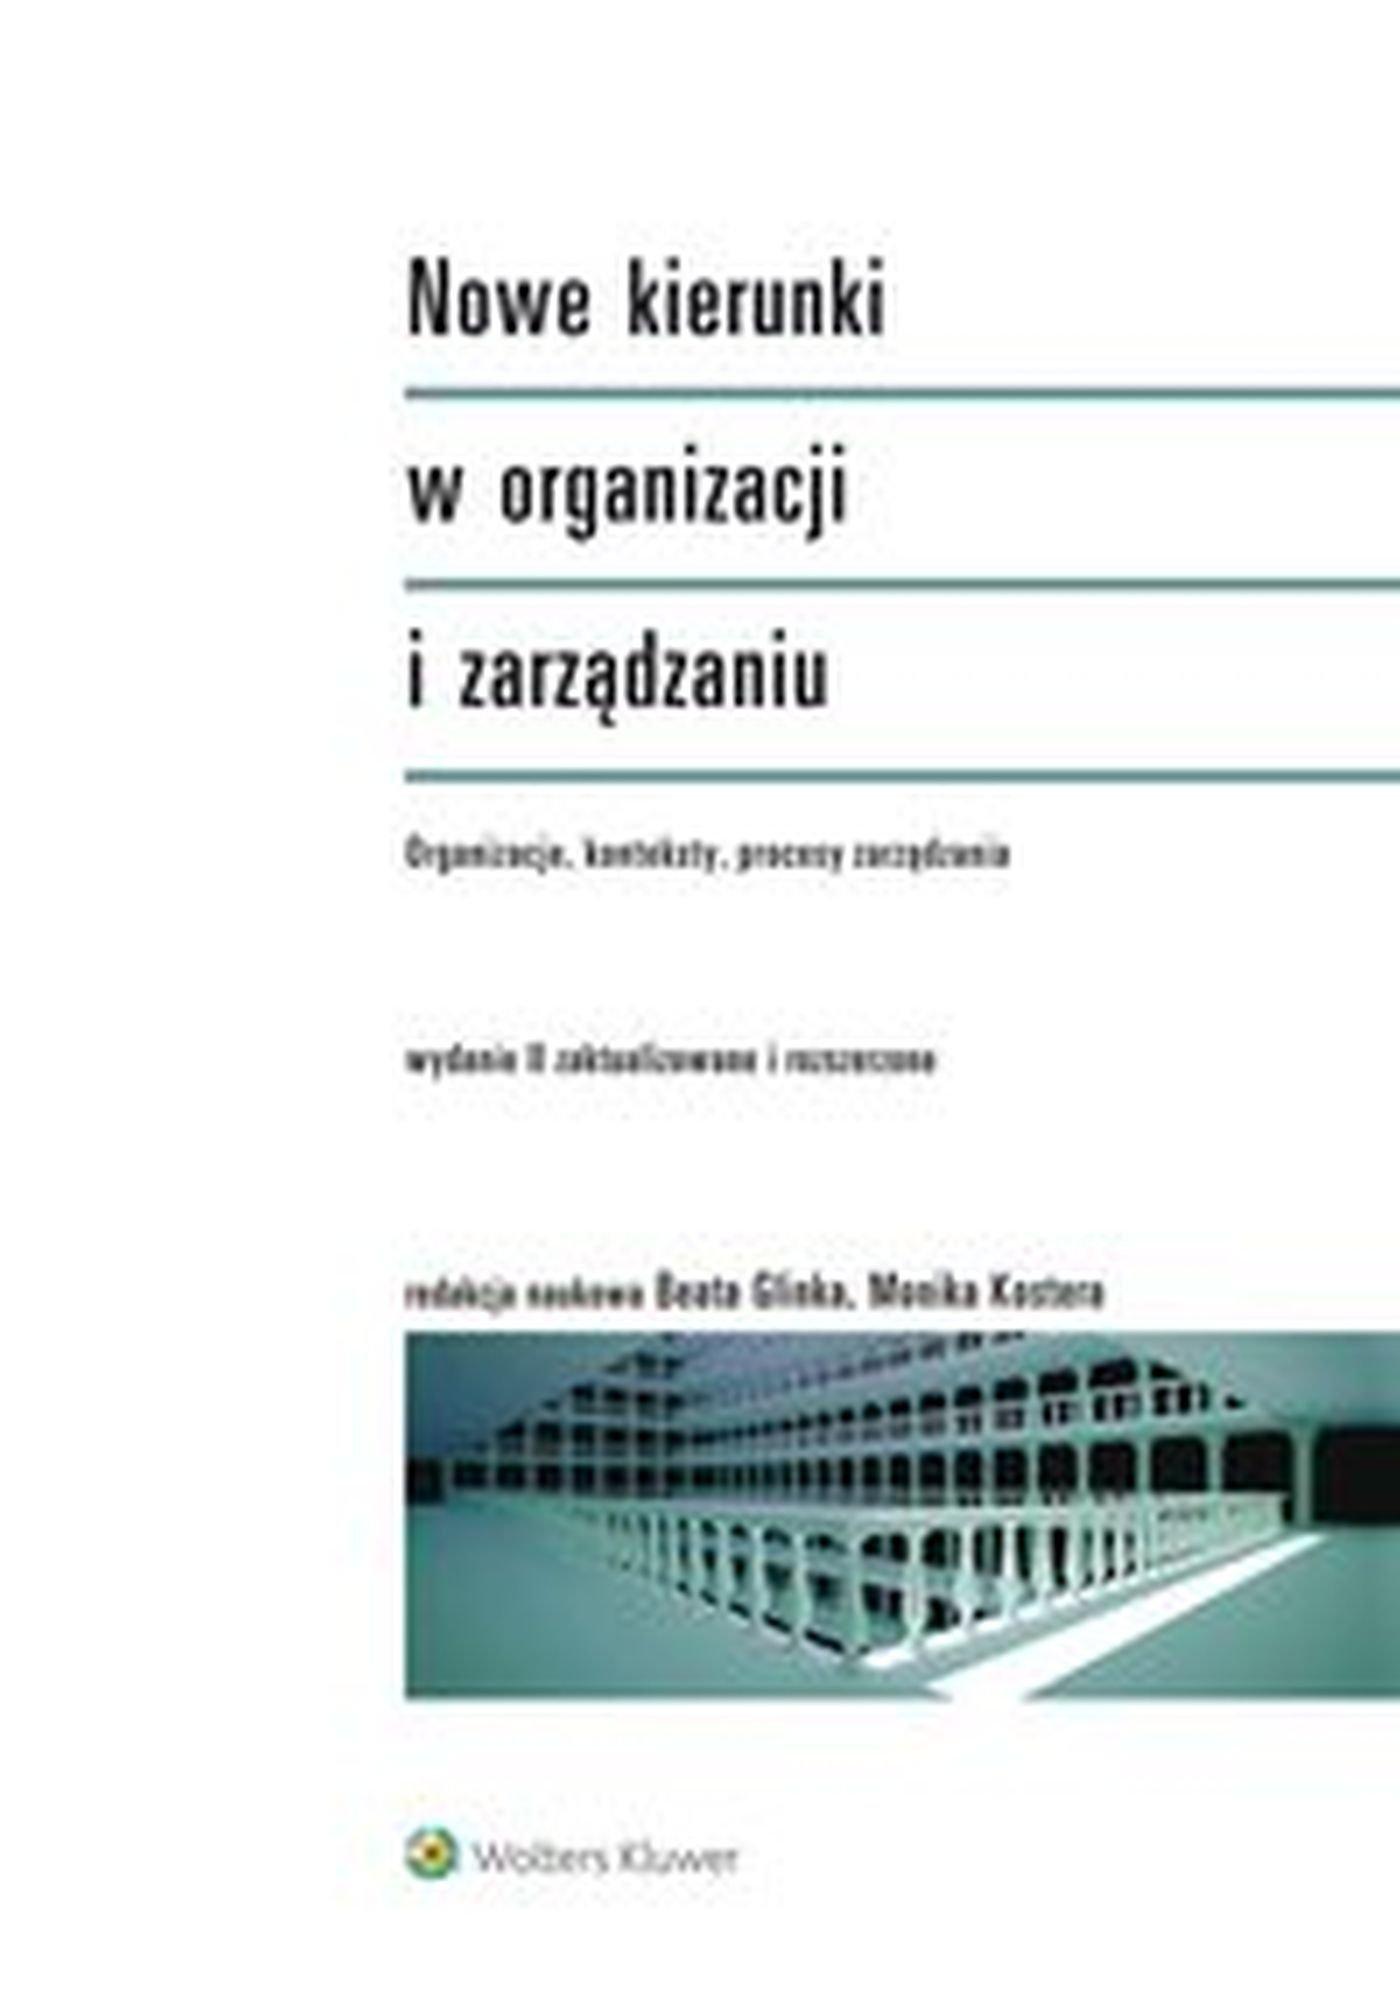 Nowe kierunki w organizacji i zarządzaniu. Organizacje, konteksty, procesy zarządzania - Ebook (Książka EPUB) do pobrania w formacie EPUB